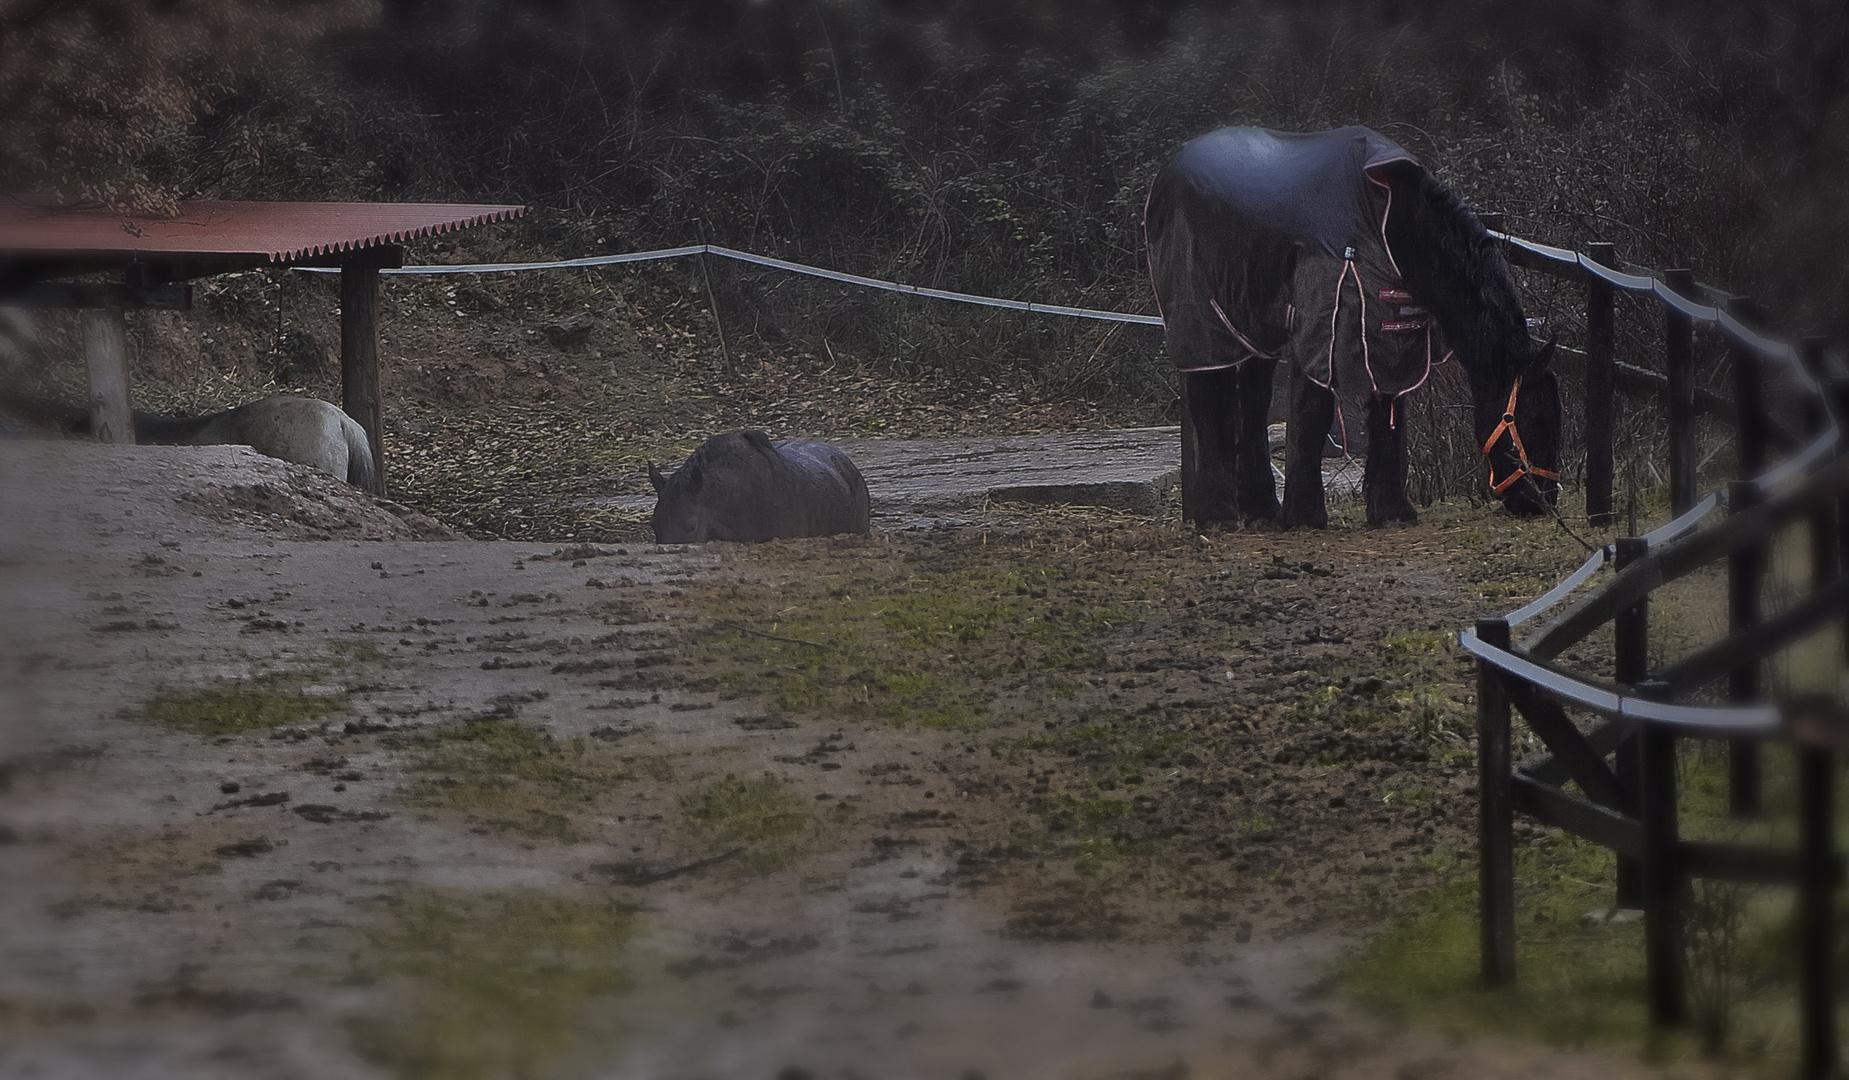 Caballos Bajo Lluvia